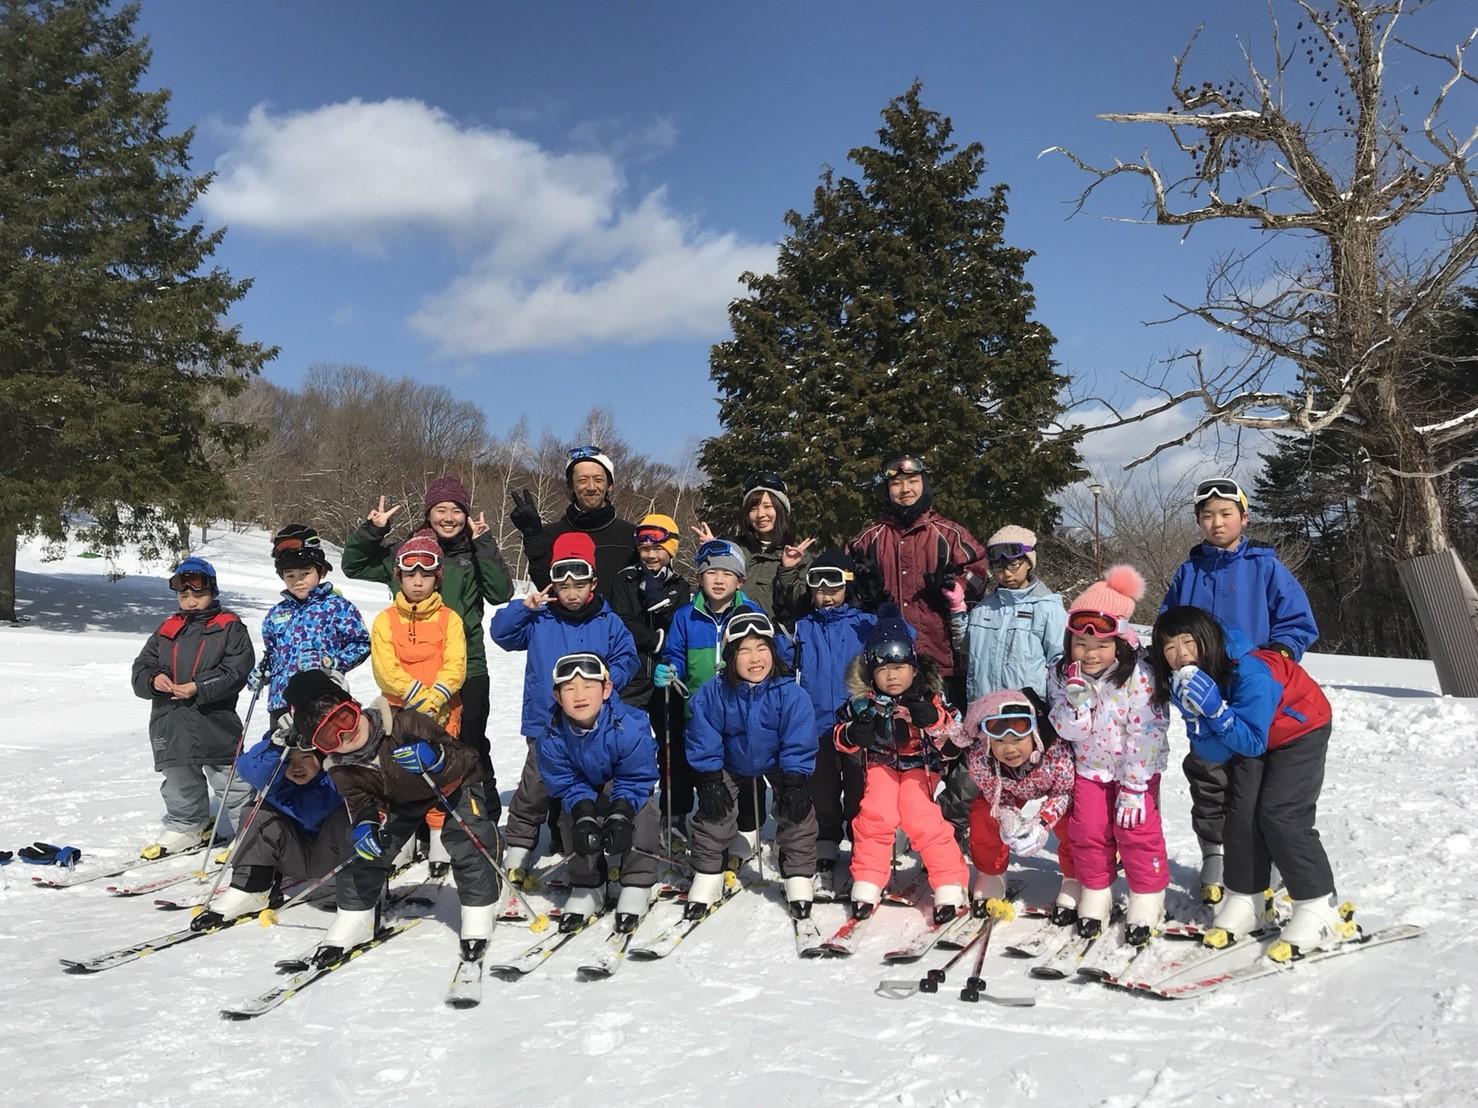 【12/26-28】スキーまんきつキャンプ @ ハチ高原 山水館